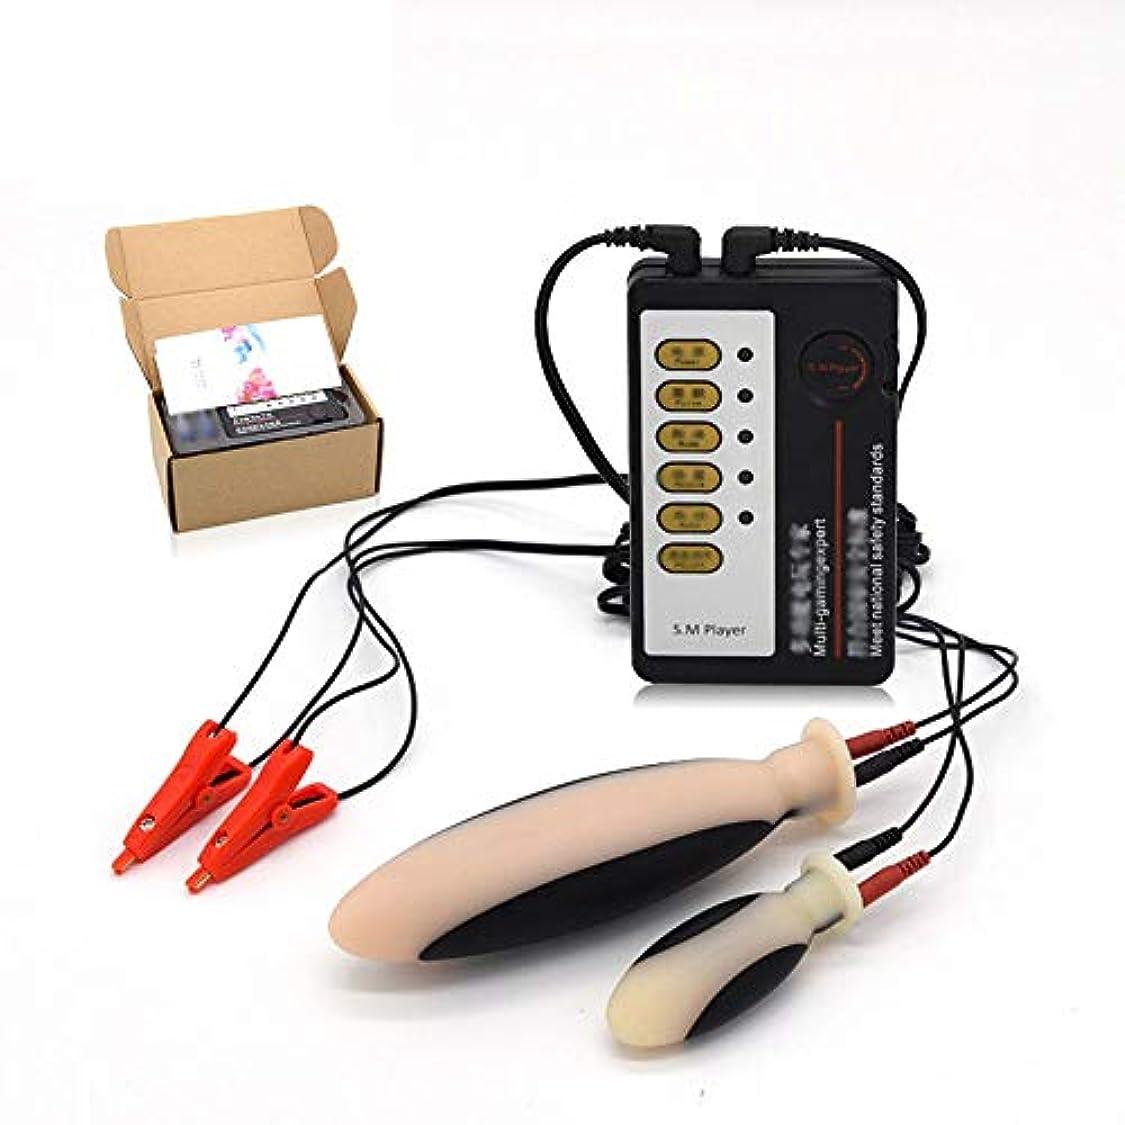 変化私定数放電マッサージ器、電気筋肉マッサージ、複数の速度と振動パターンでリラックスできるマッサージのための体力機器